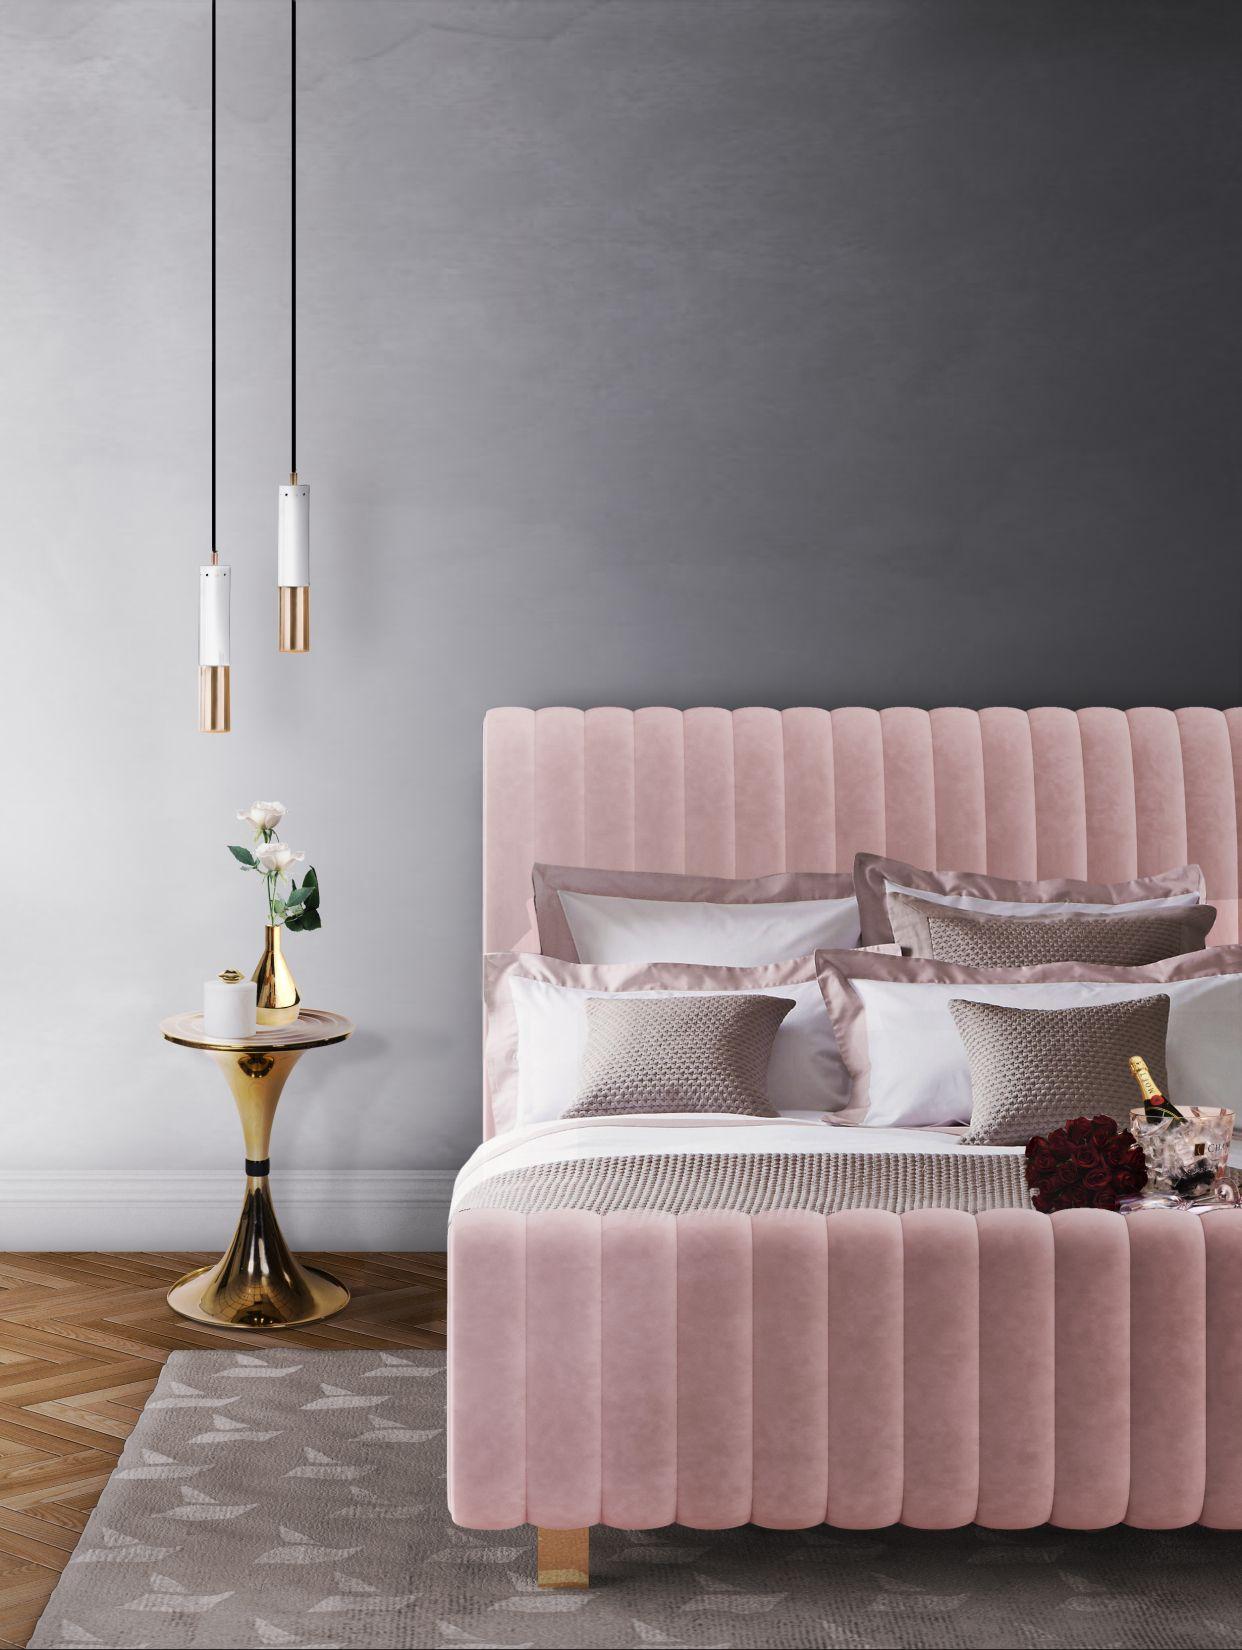 Essential Home Bett Sophia Zimmergestaltung Schlafzimmer Design Haus Deko